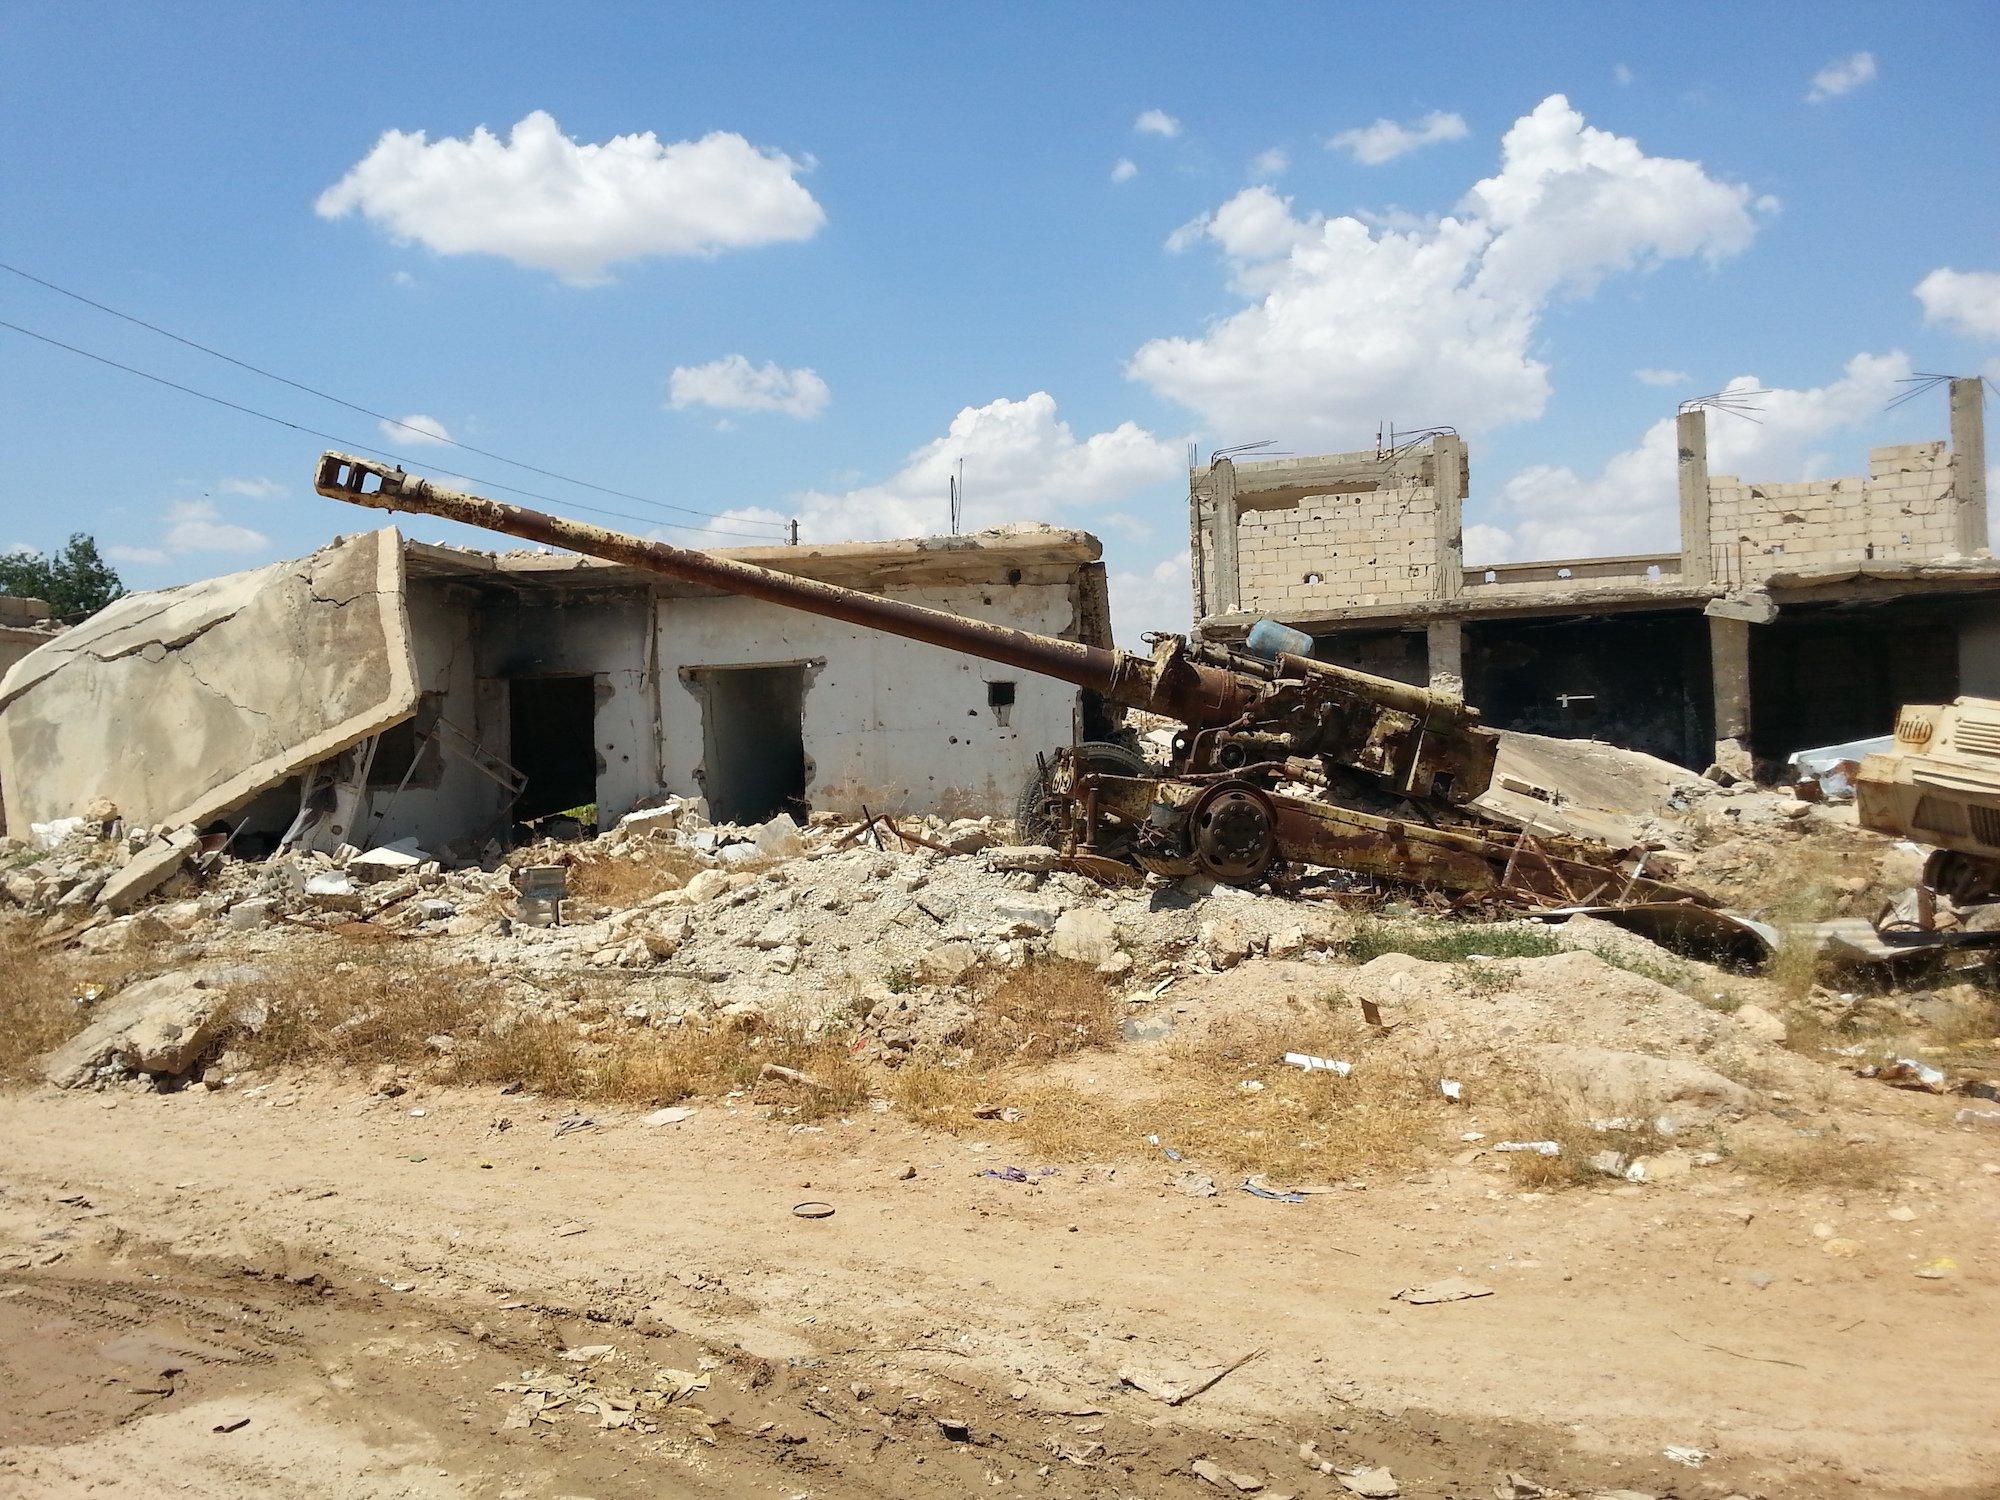 L'ultima zona della citta rimasta in mano a YPG e YPJ durante la battaglia del 2015 è diventata un «museo a cielo aperto»: viene conservata com'era il giorno della riconquista, mentre il resto della città è stato ricostruito.